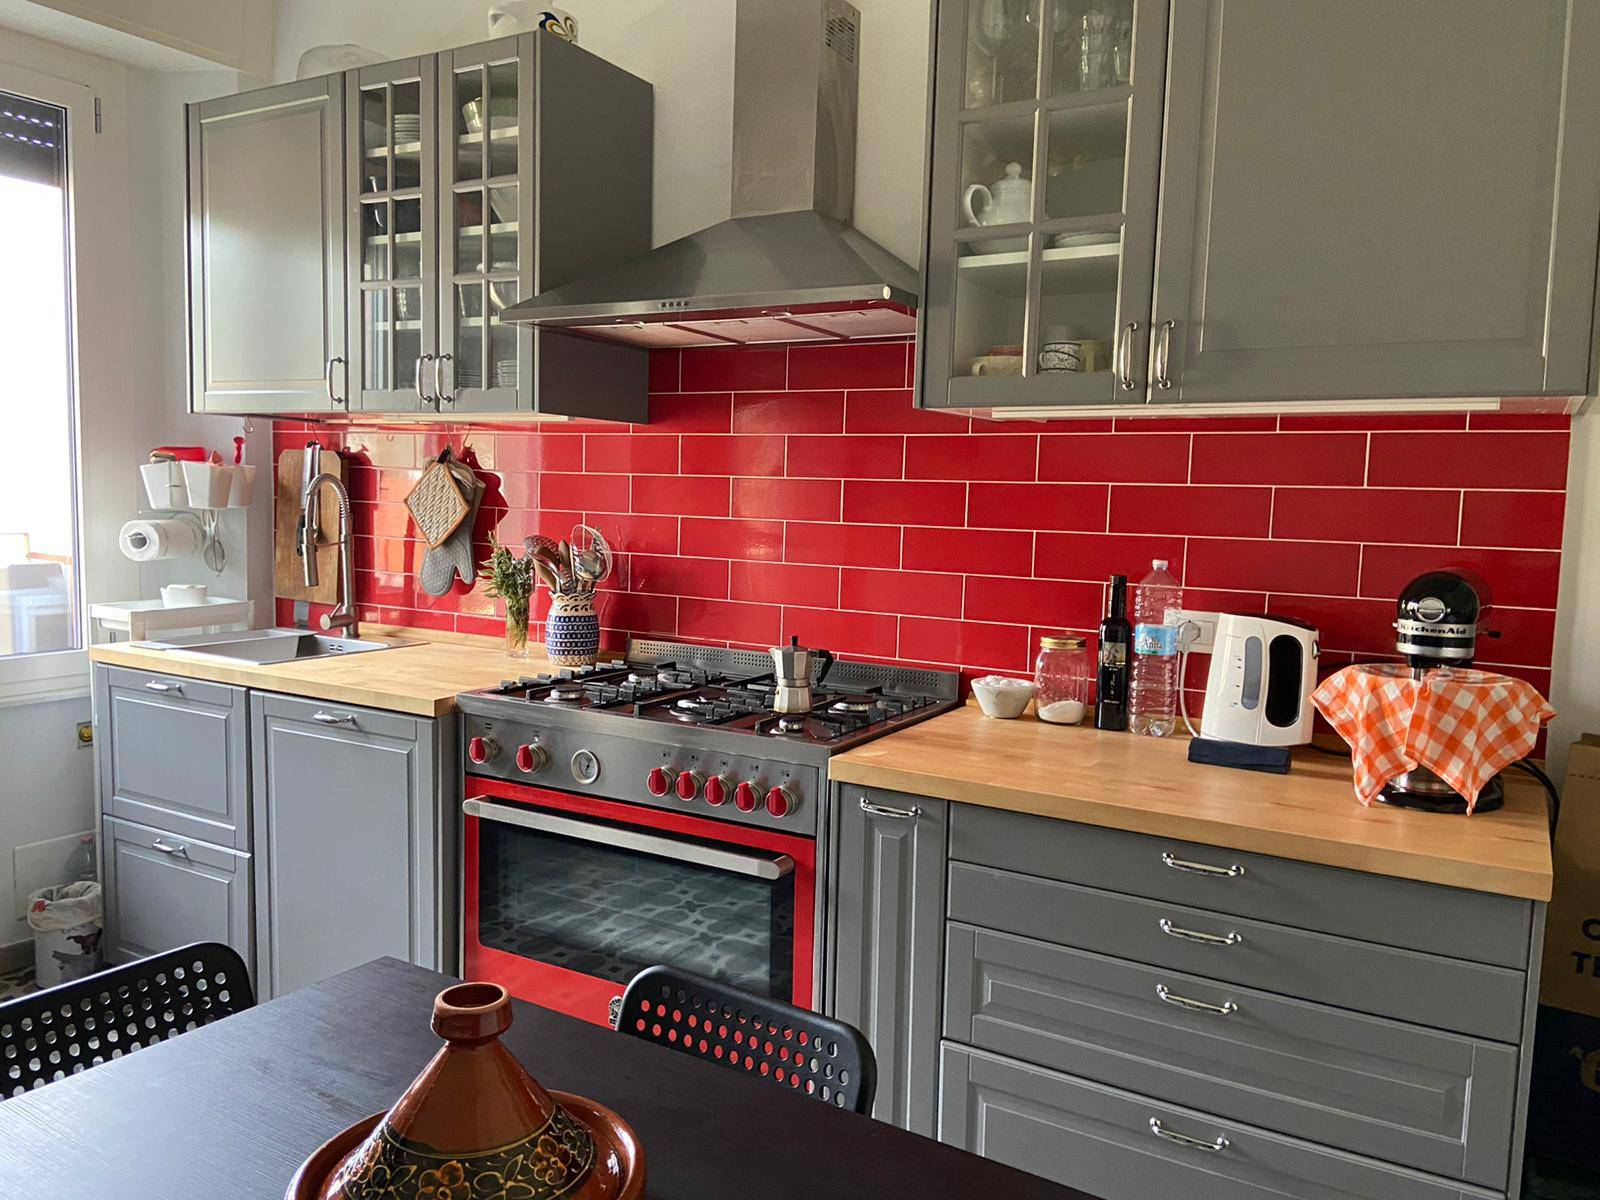 Appartamento in vendita a Seravezza, 5 locali, zona Zona: Querceta, prezzo € 280.000 | CambioCasa.it